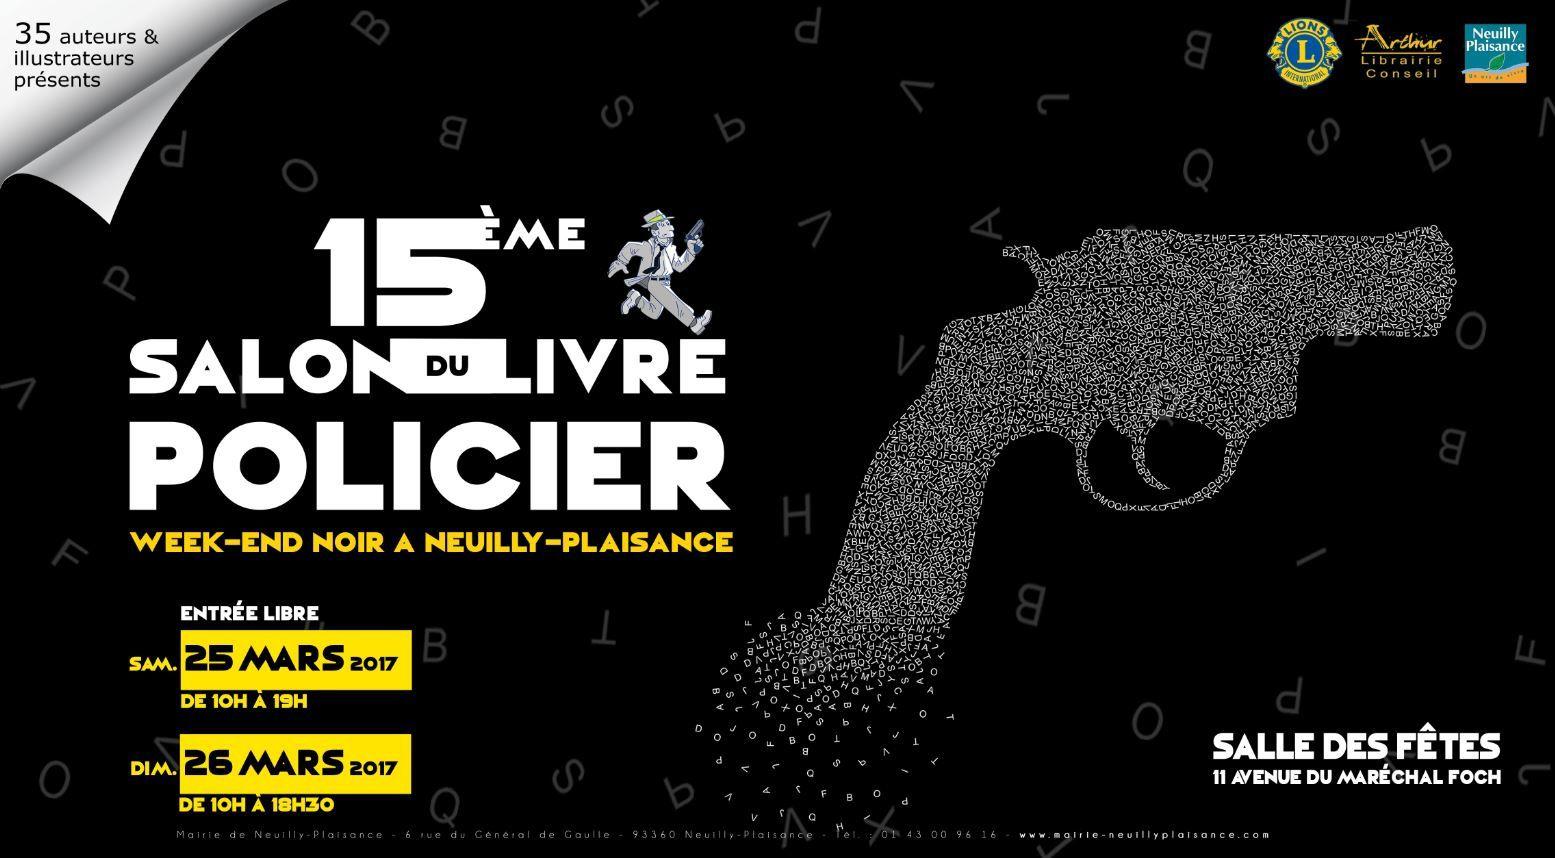 les 25 et 26, Salon du livre Policier à Neuilly Plaisance